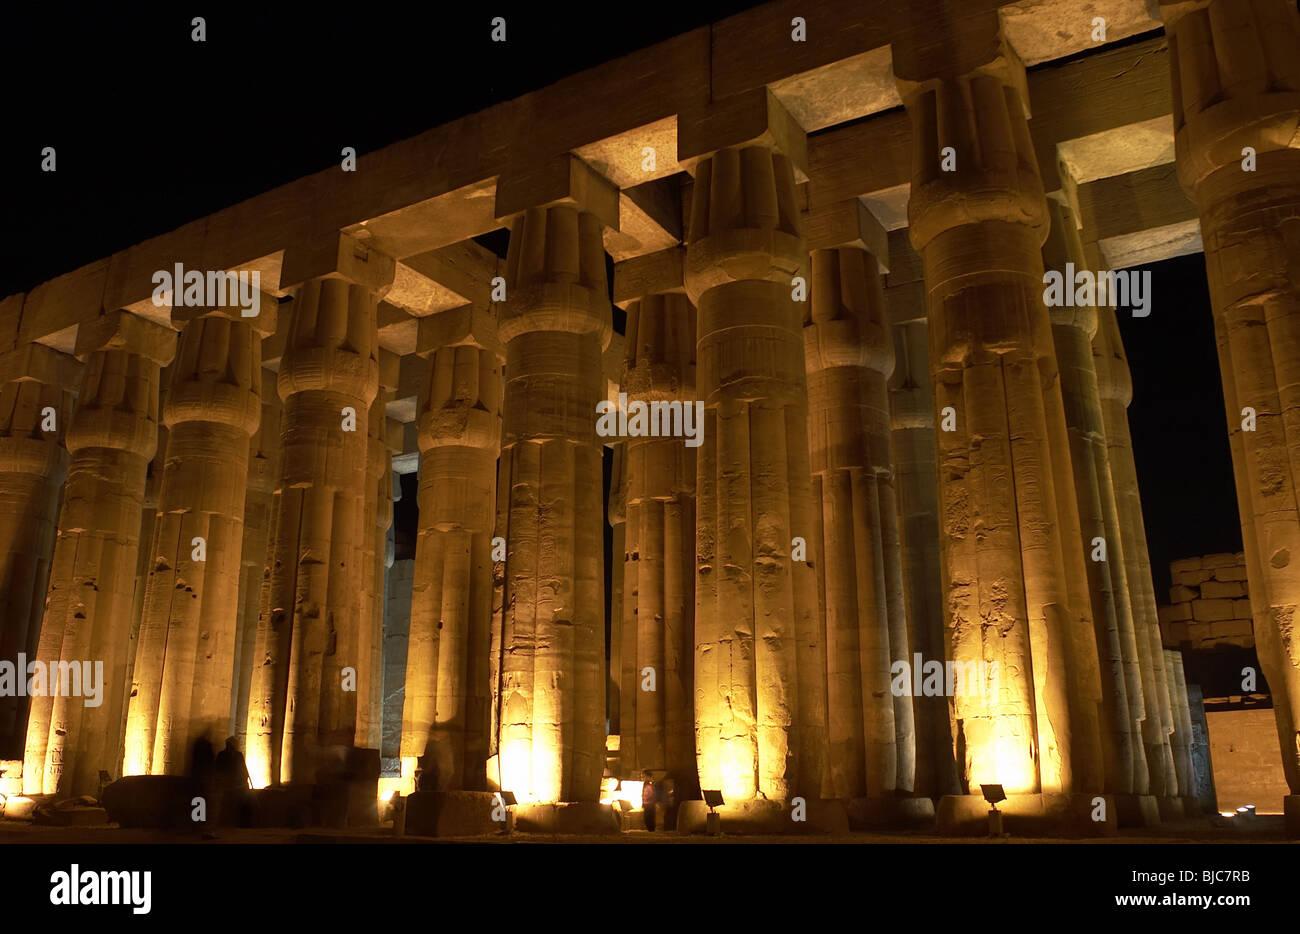 Tempel von Luxor. Nacht-Blick auf das Areal. Ägypten. Stockbild